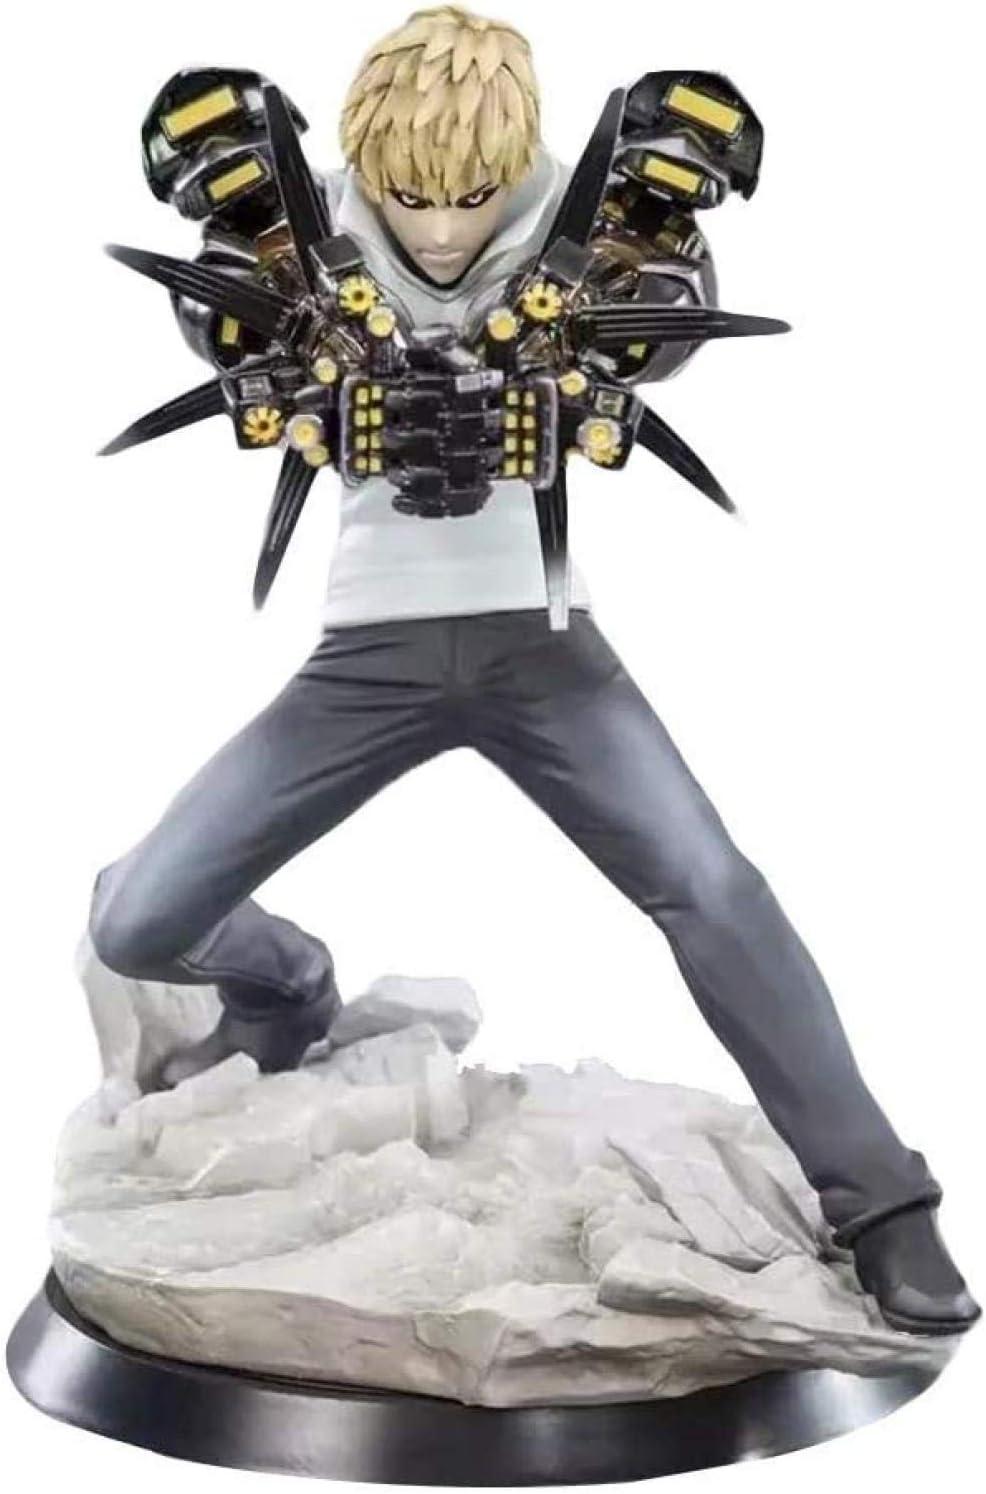 No MA SOSER Templom Seis Anime One Punch Man Genos 1/10 Modelo a Escala Figura de PVC Figura de Juguete Colecciones de Anime japonés